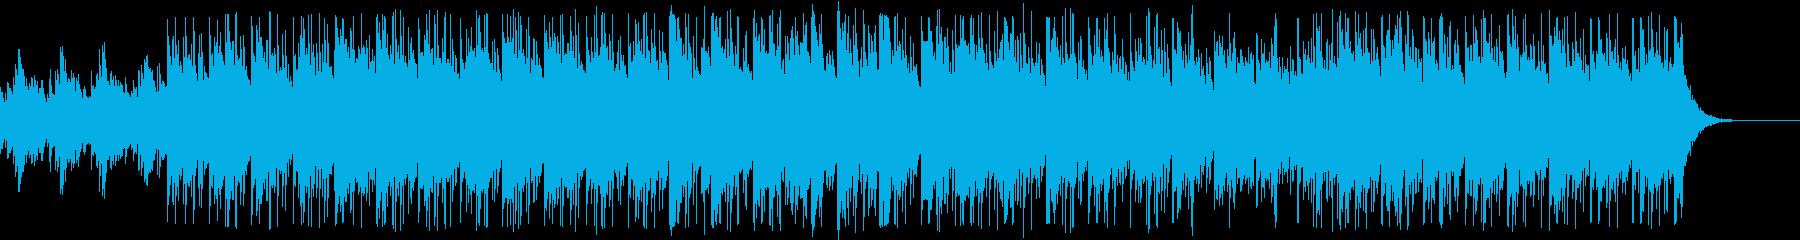 ほのぼの少し元気の出る癒し系BGMの再生済みの波形